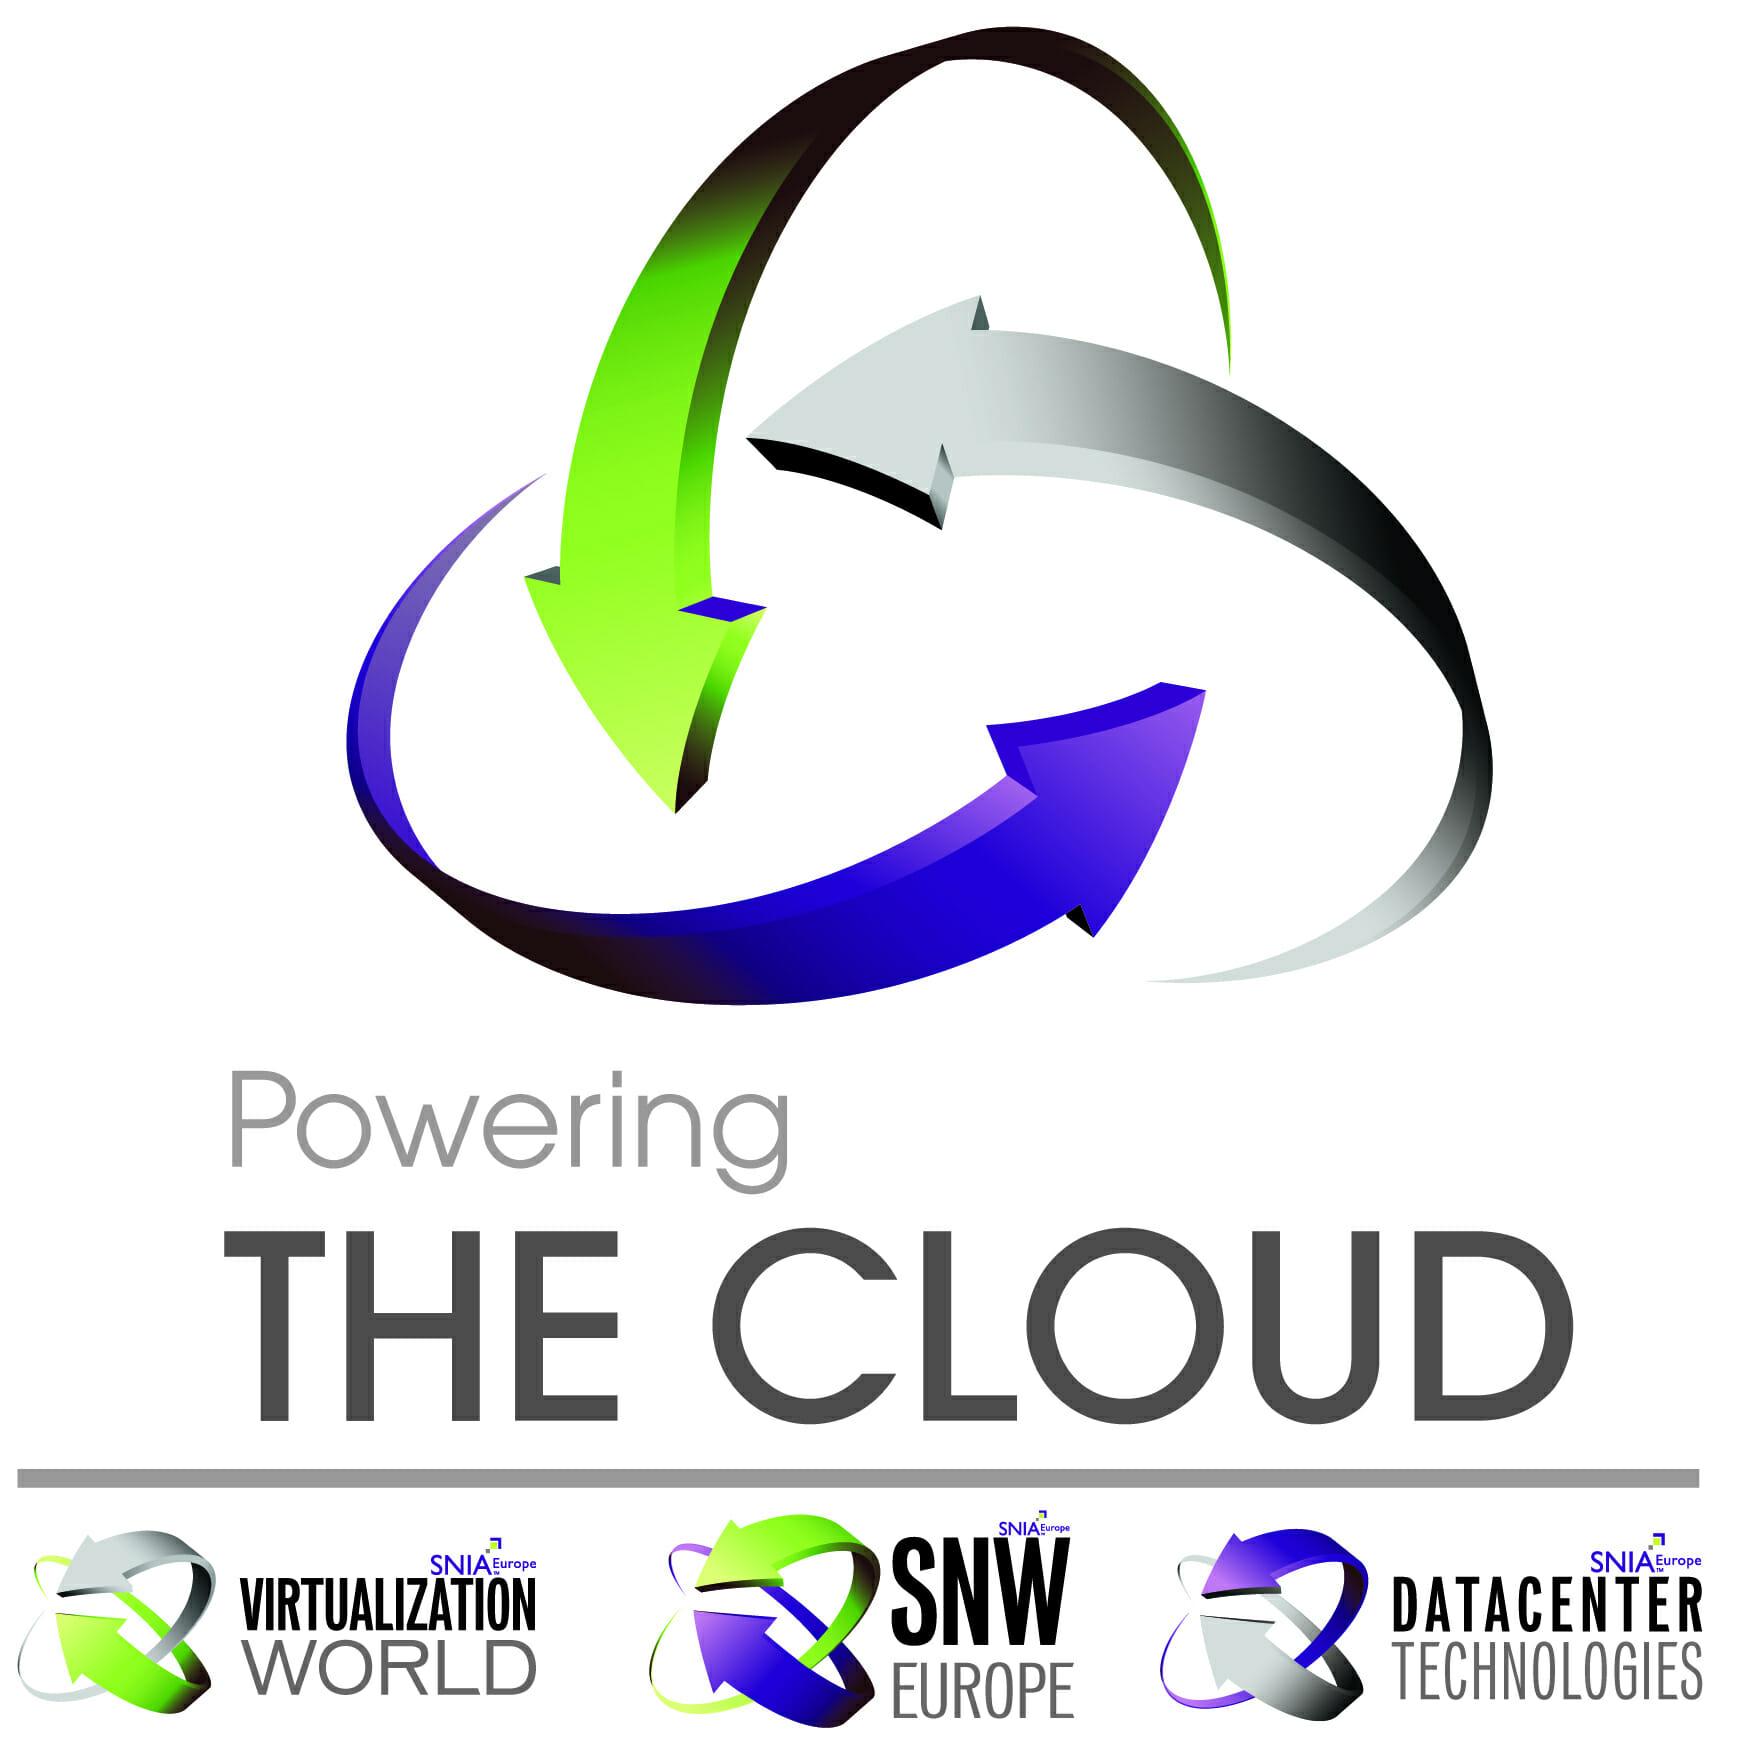 powering_the_cloud_l146927